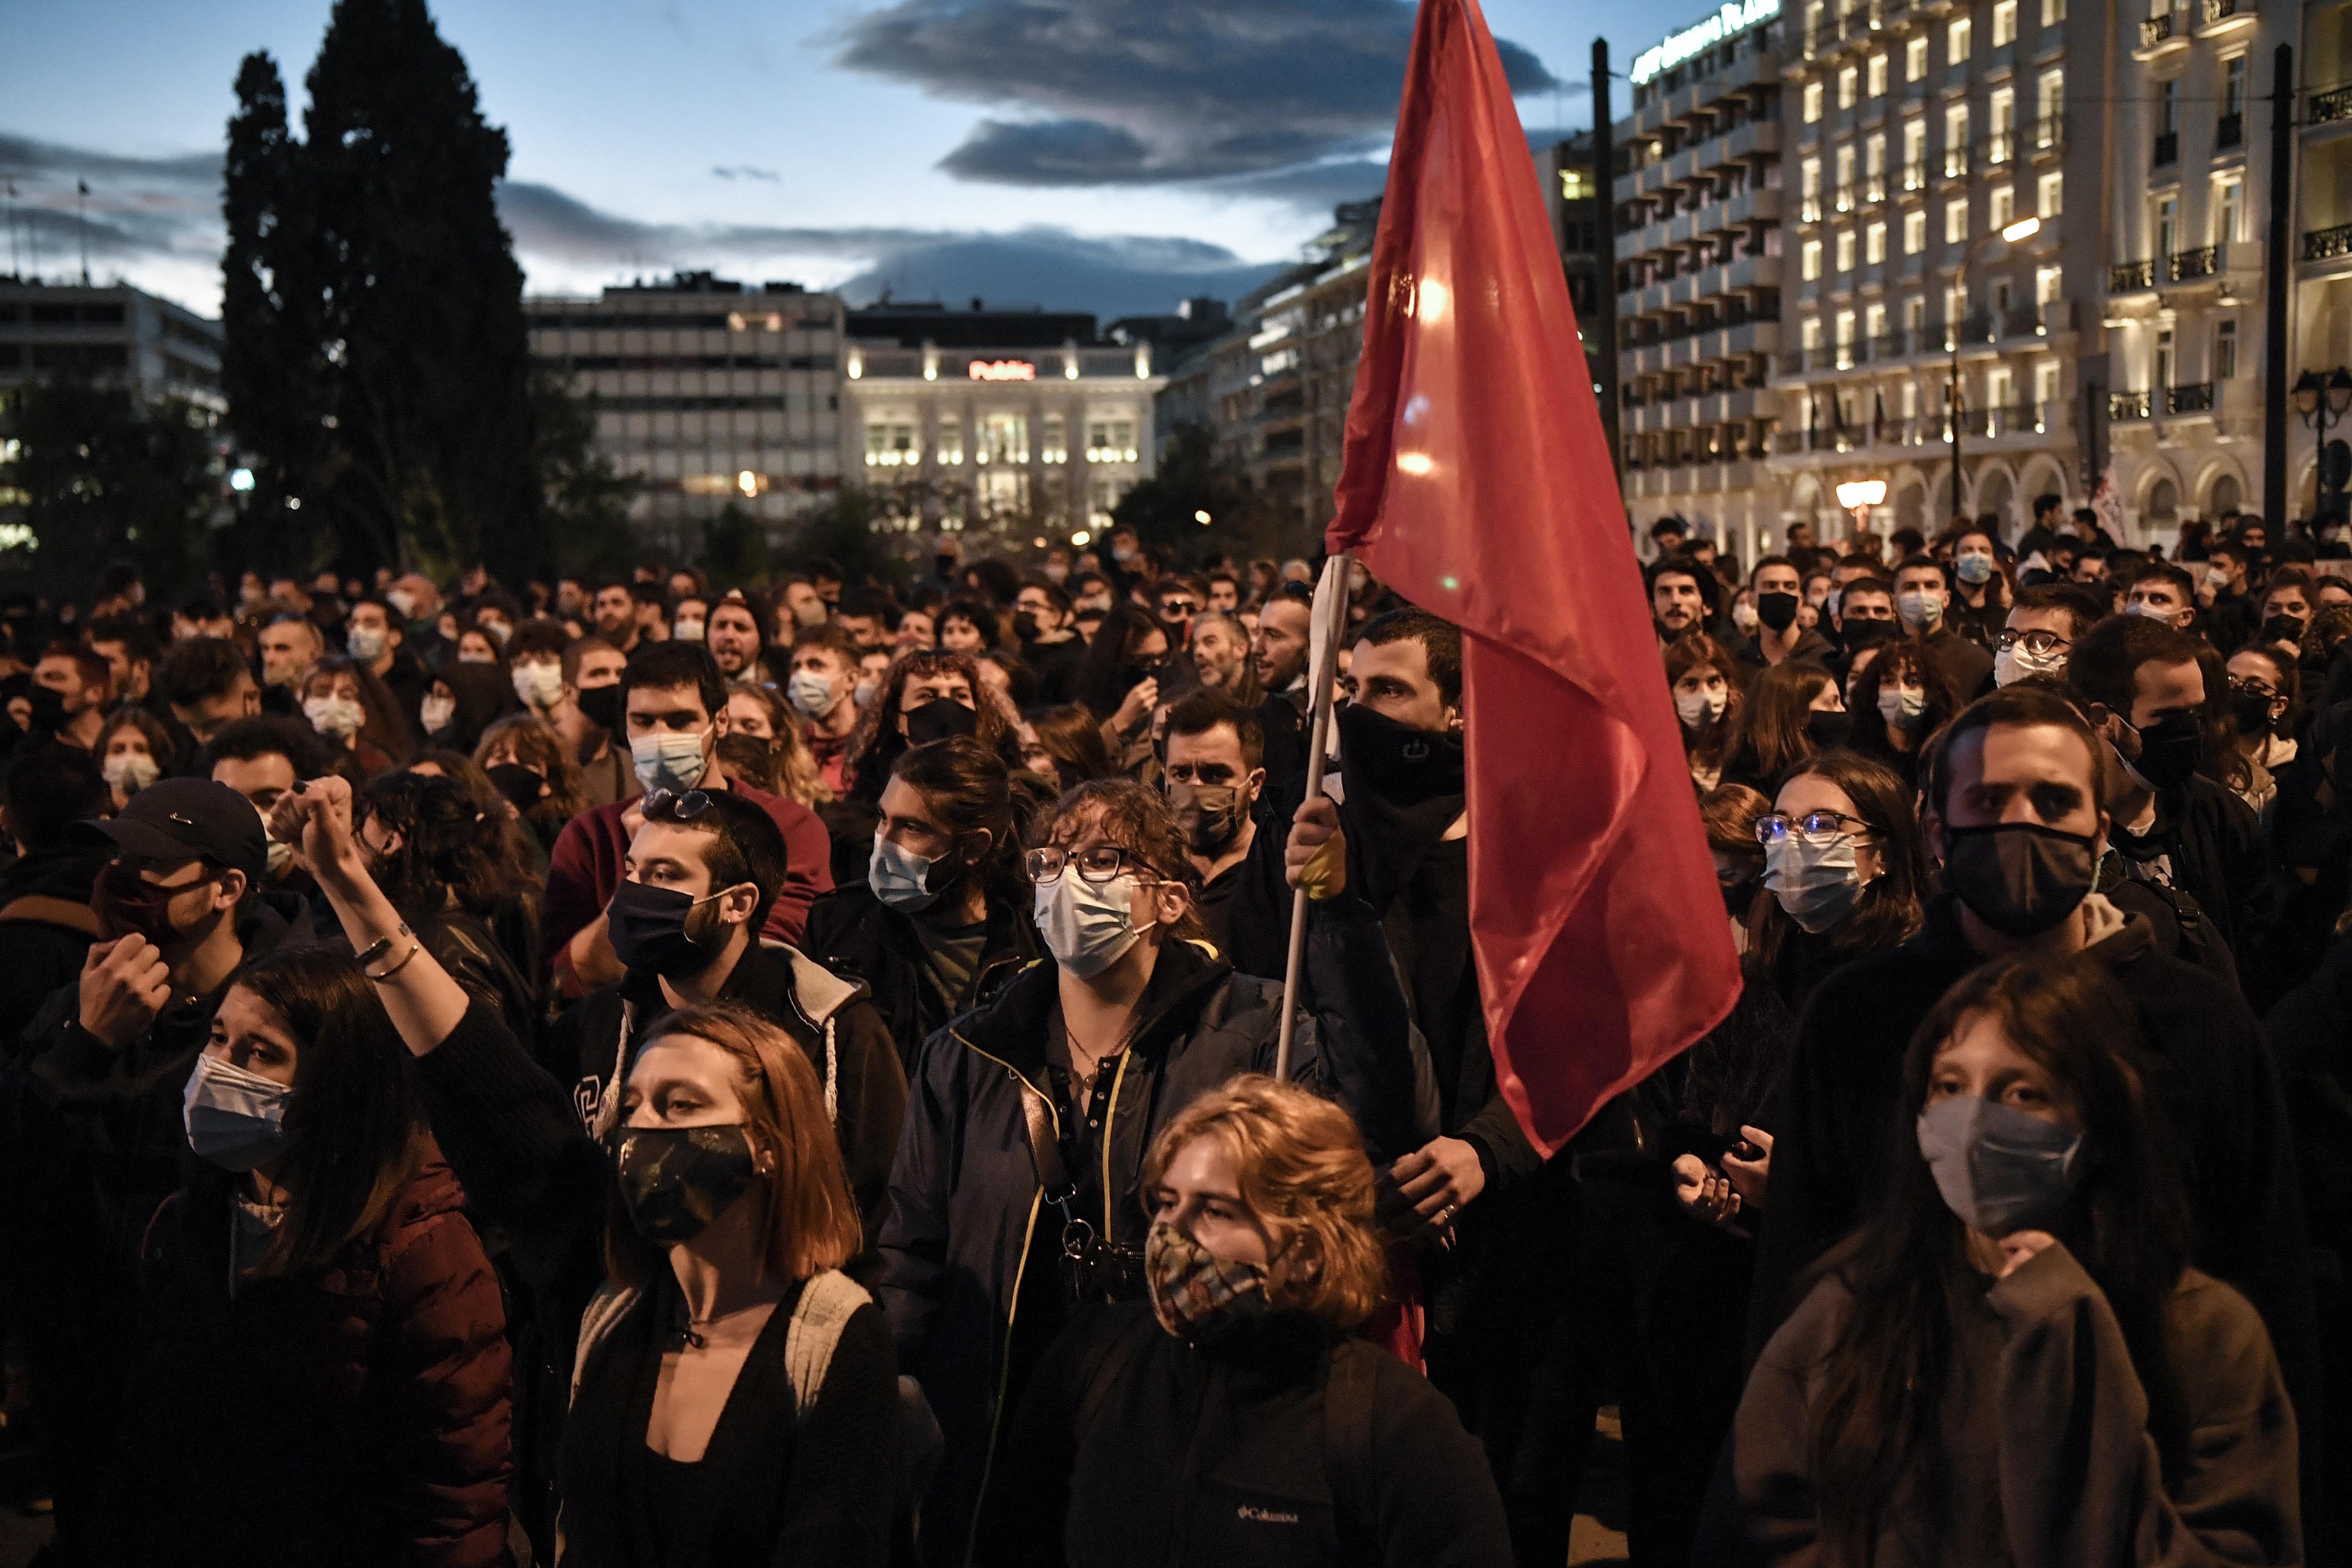 Elfogadták a görög törvényt, ami rendőröket állít az egyetemi kampuszokra